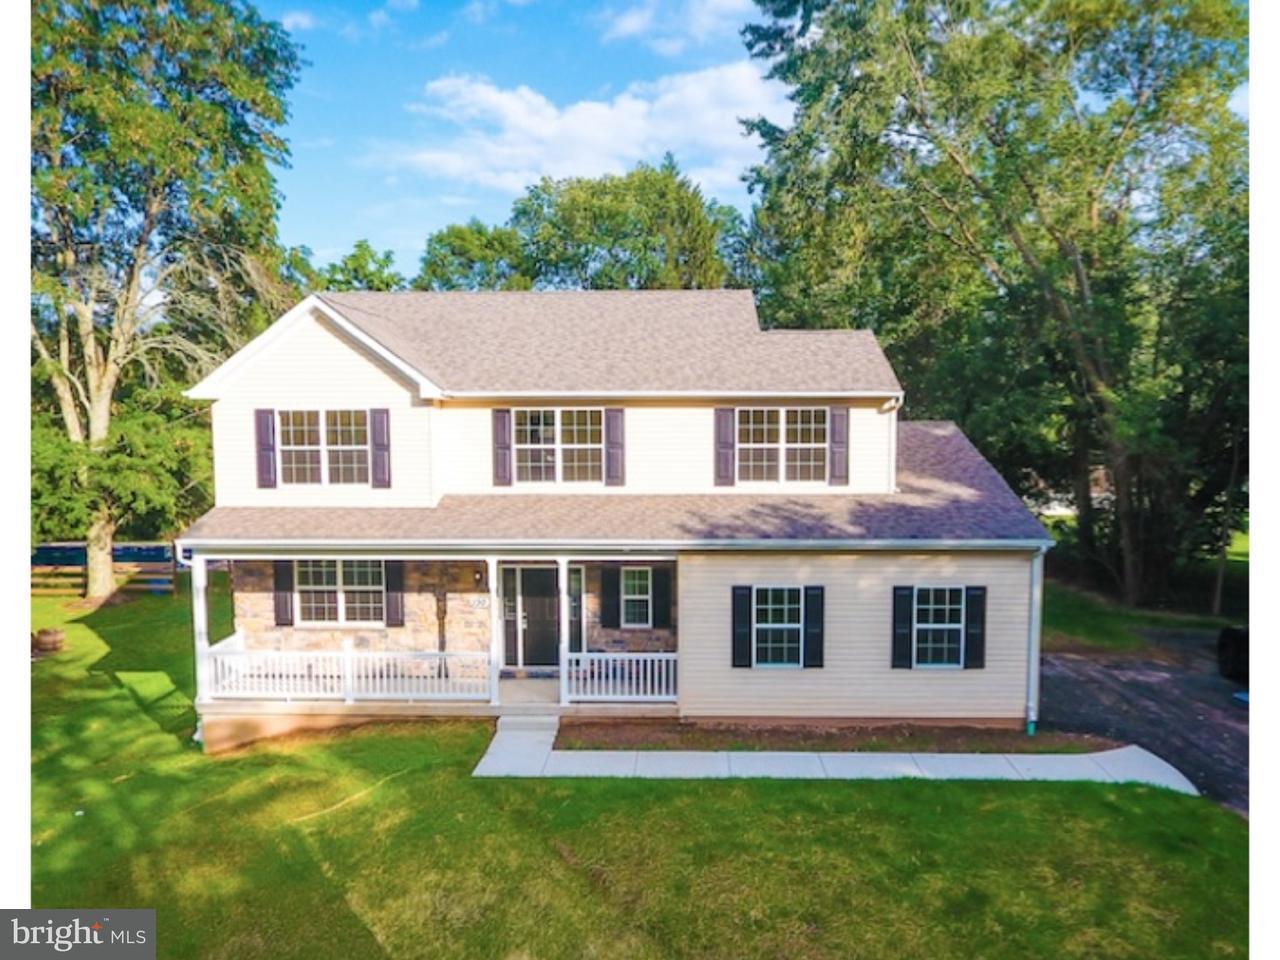 Частный односемейный дом для того Продажа на 130 FRENCH CREEK Drive Kimberton, Пенсильвания 19460 Соединенные Штаты